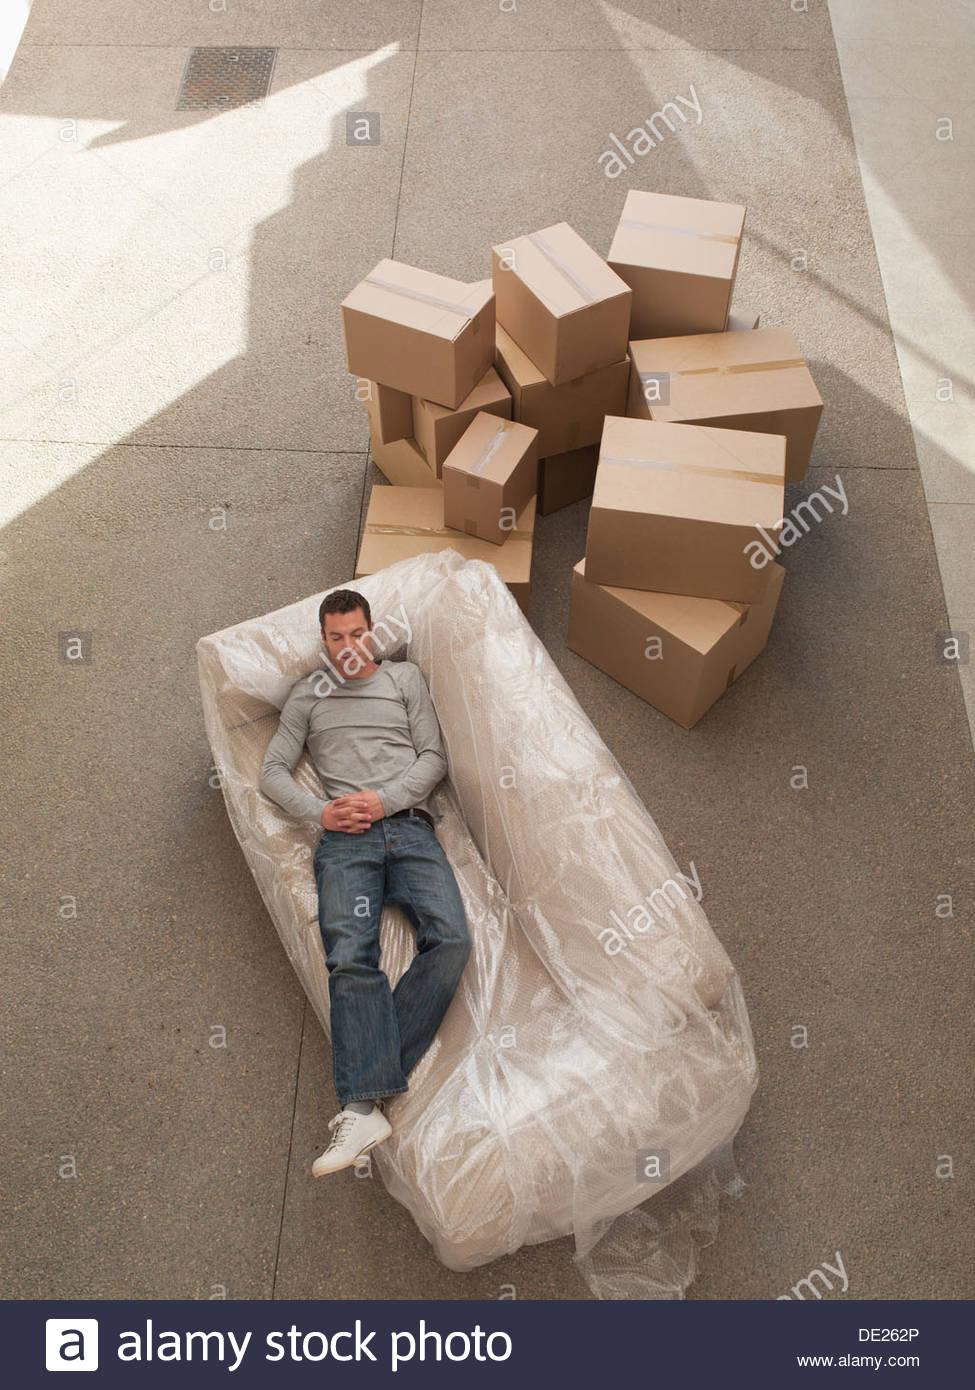 Hombre dormido en el sofá envuelto en plástico Imagen De Stock